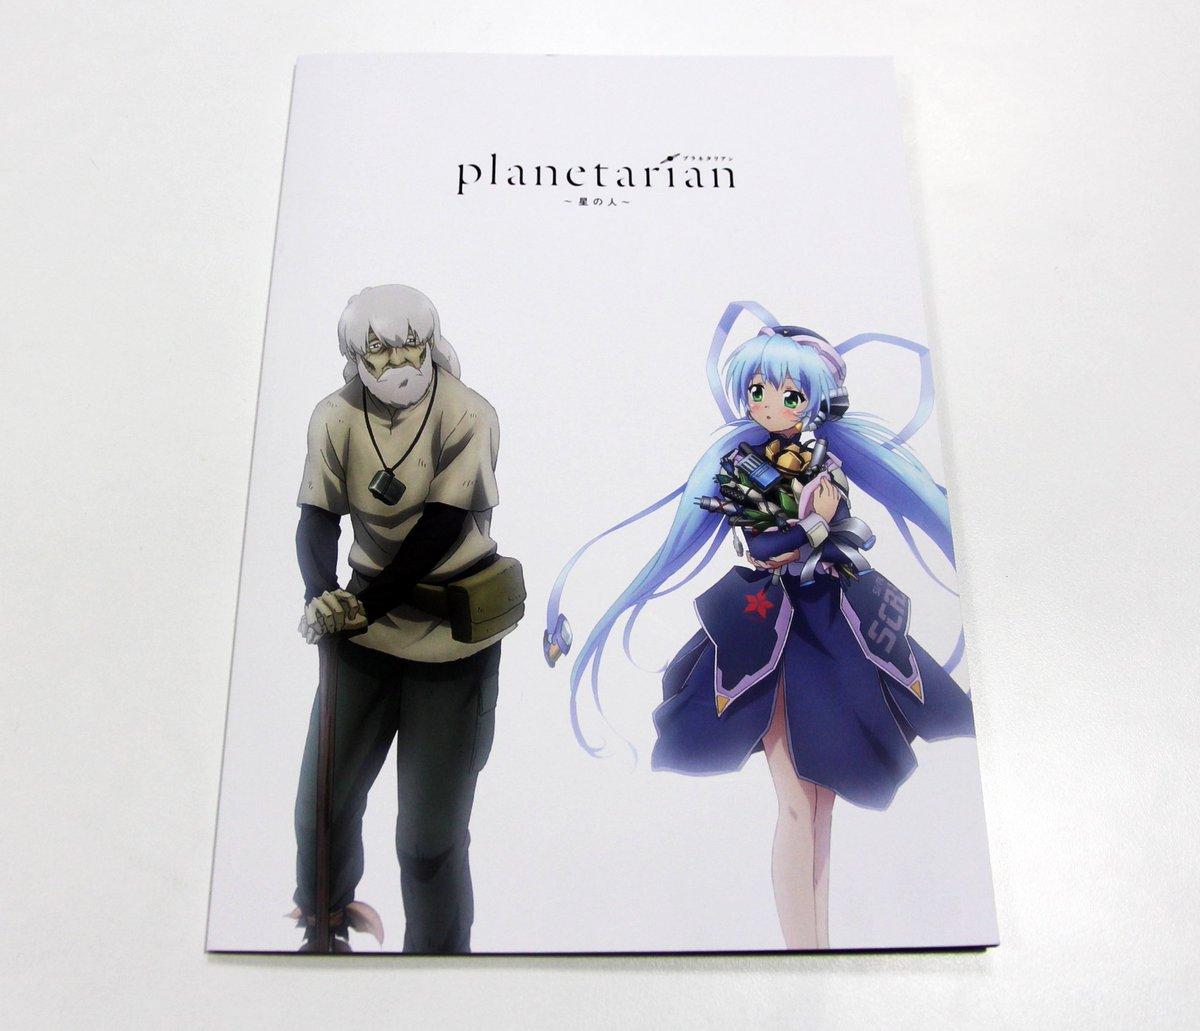 【planetarianのパンフレット】映画「planetarian」のパンフレット持参での入館料の割引は12月25日ま